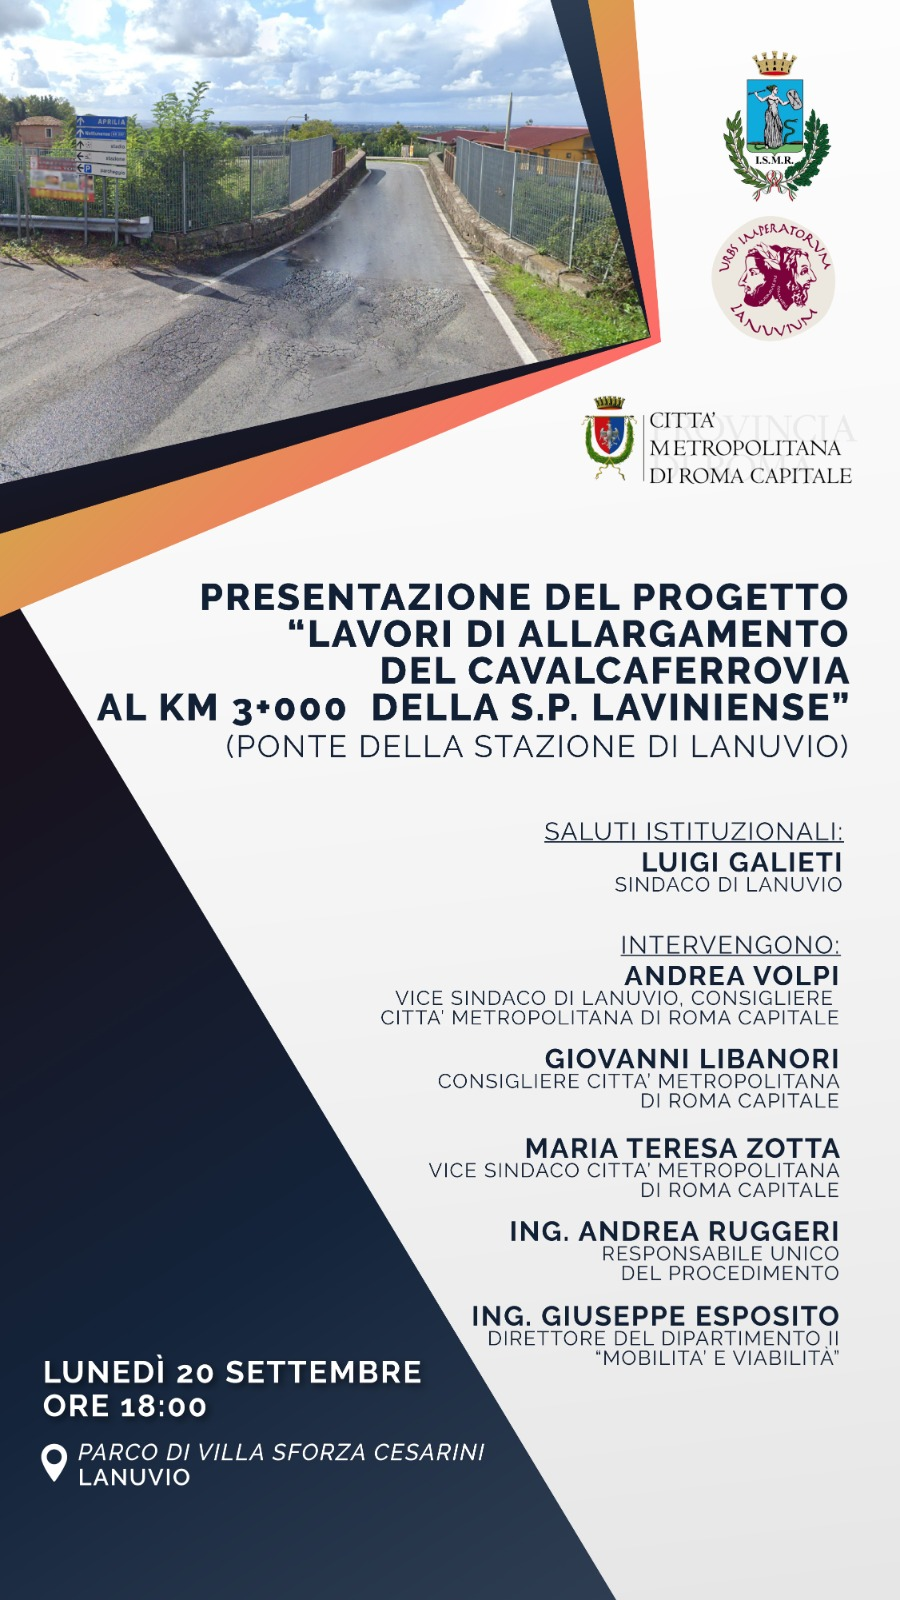 Lanuvio, lunedì 20 la presentazione del progetto di allargamento del cavalcaferrovia